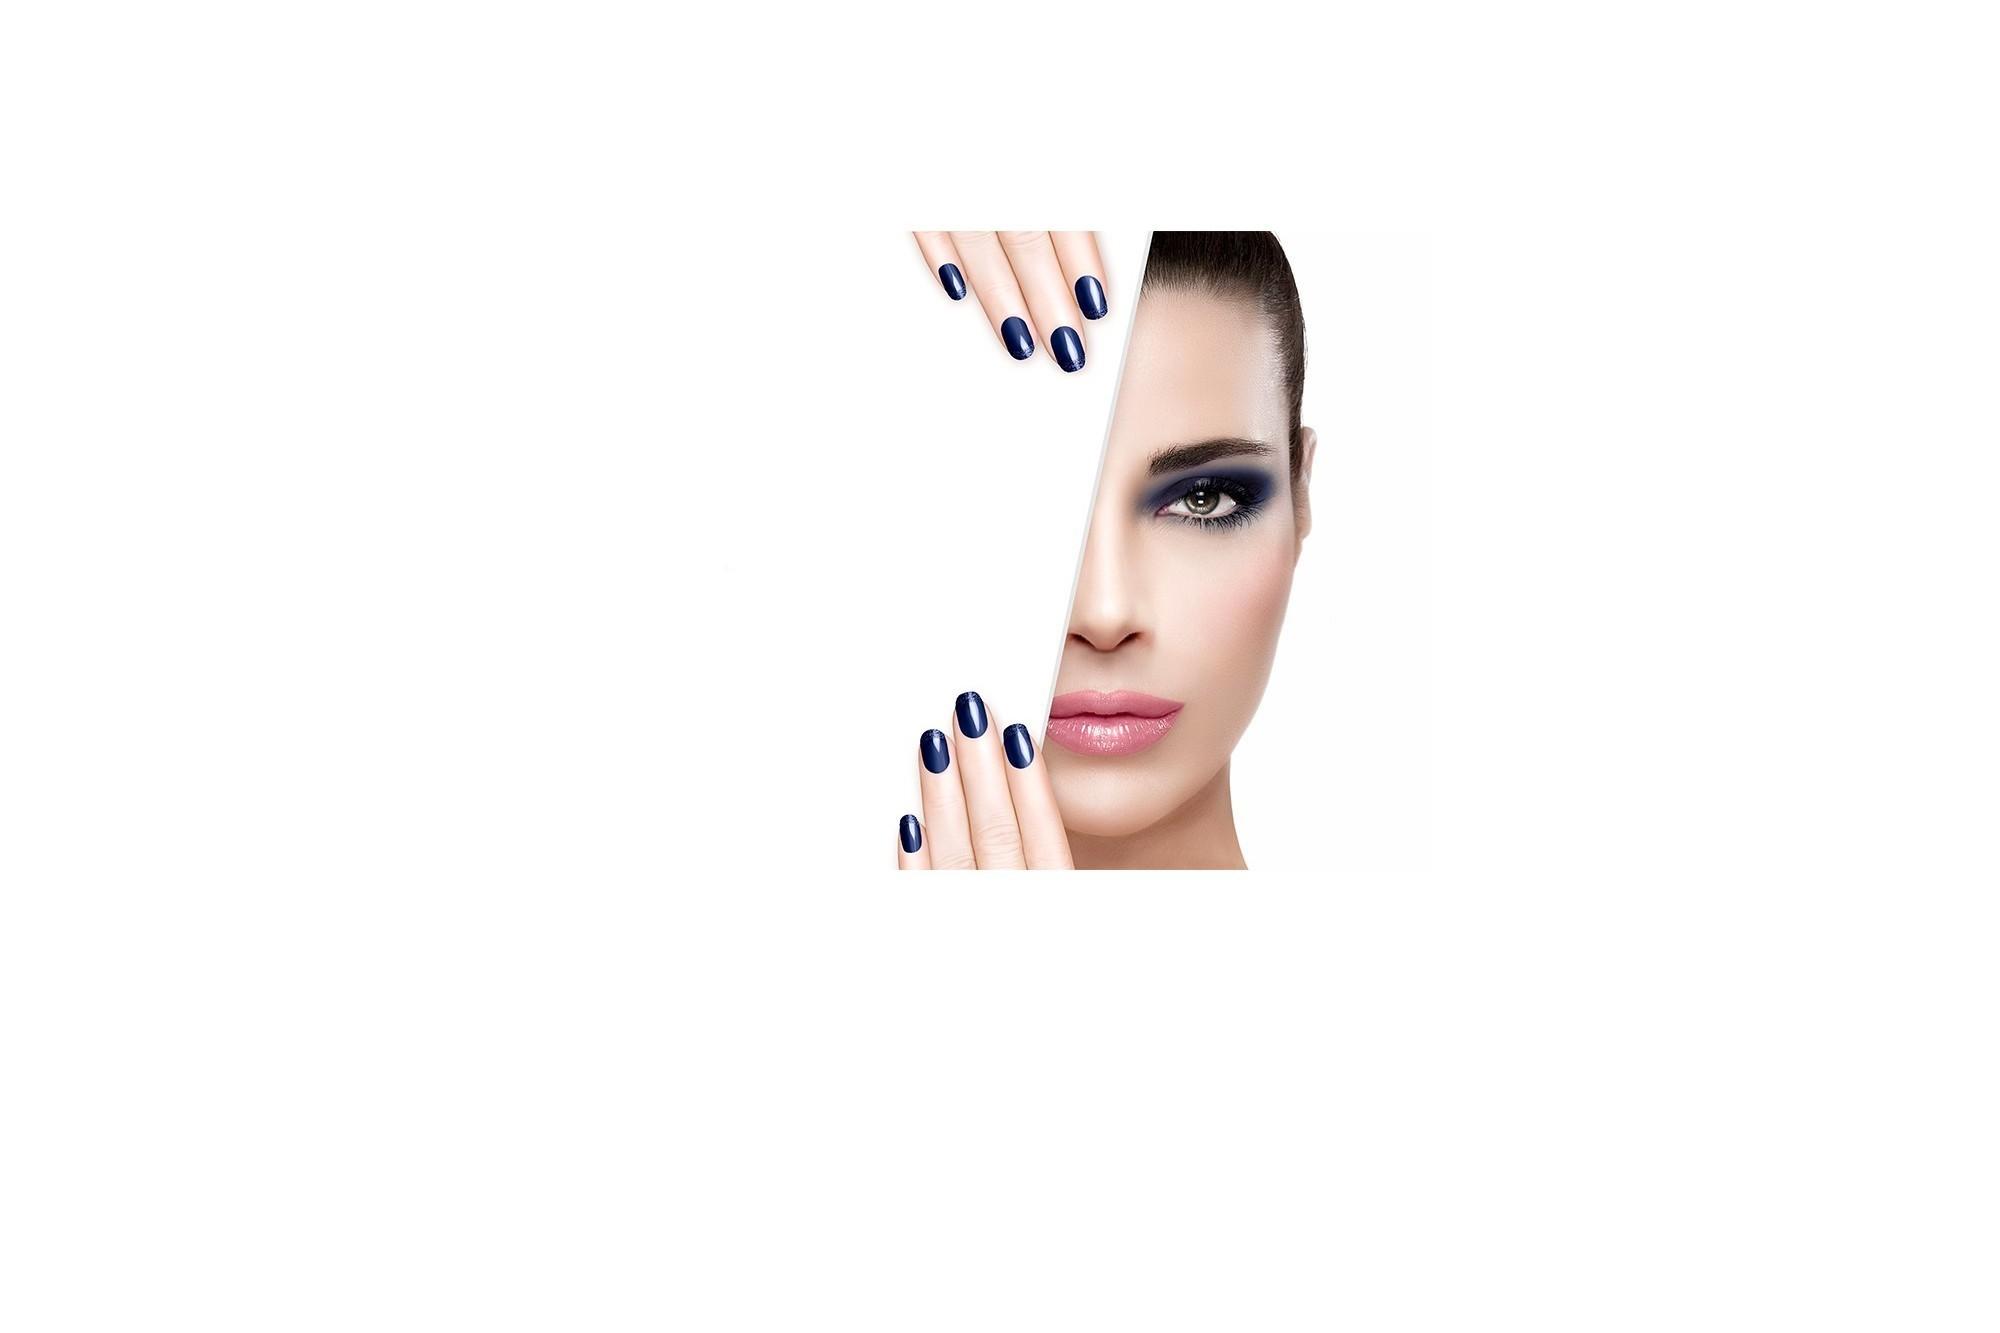 Produse pentru unghii și manichiură | Nailish